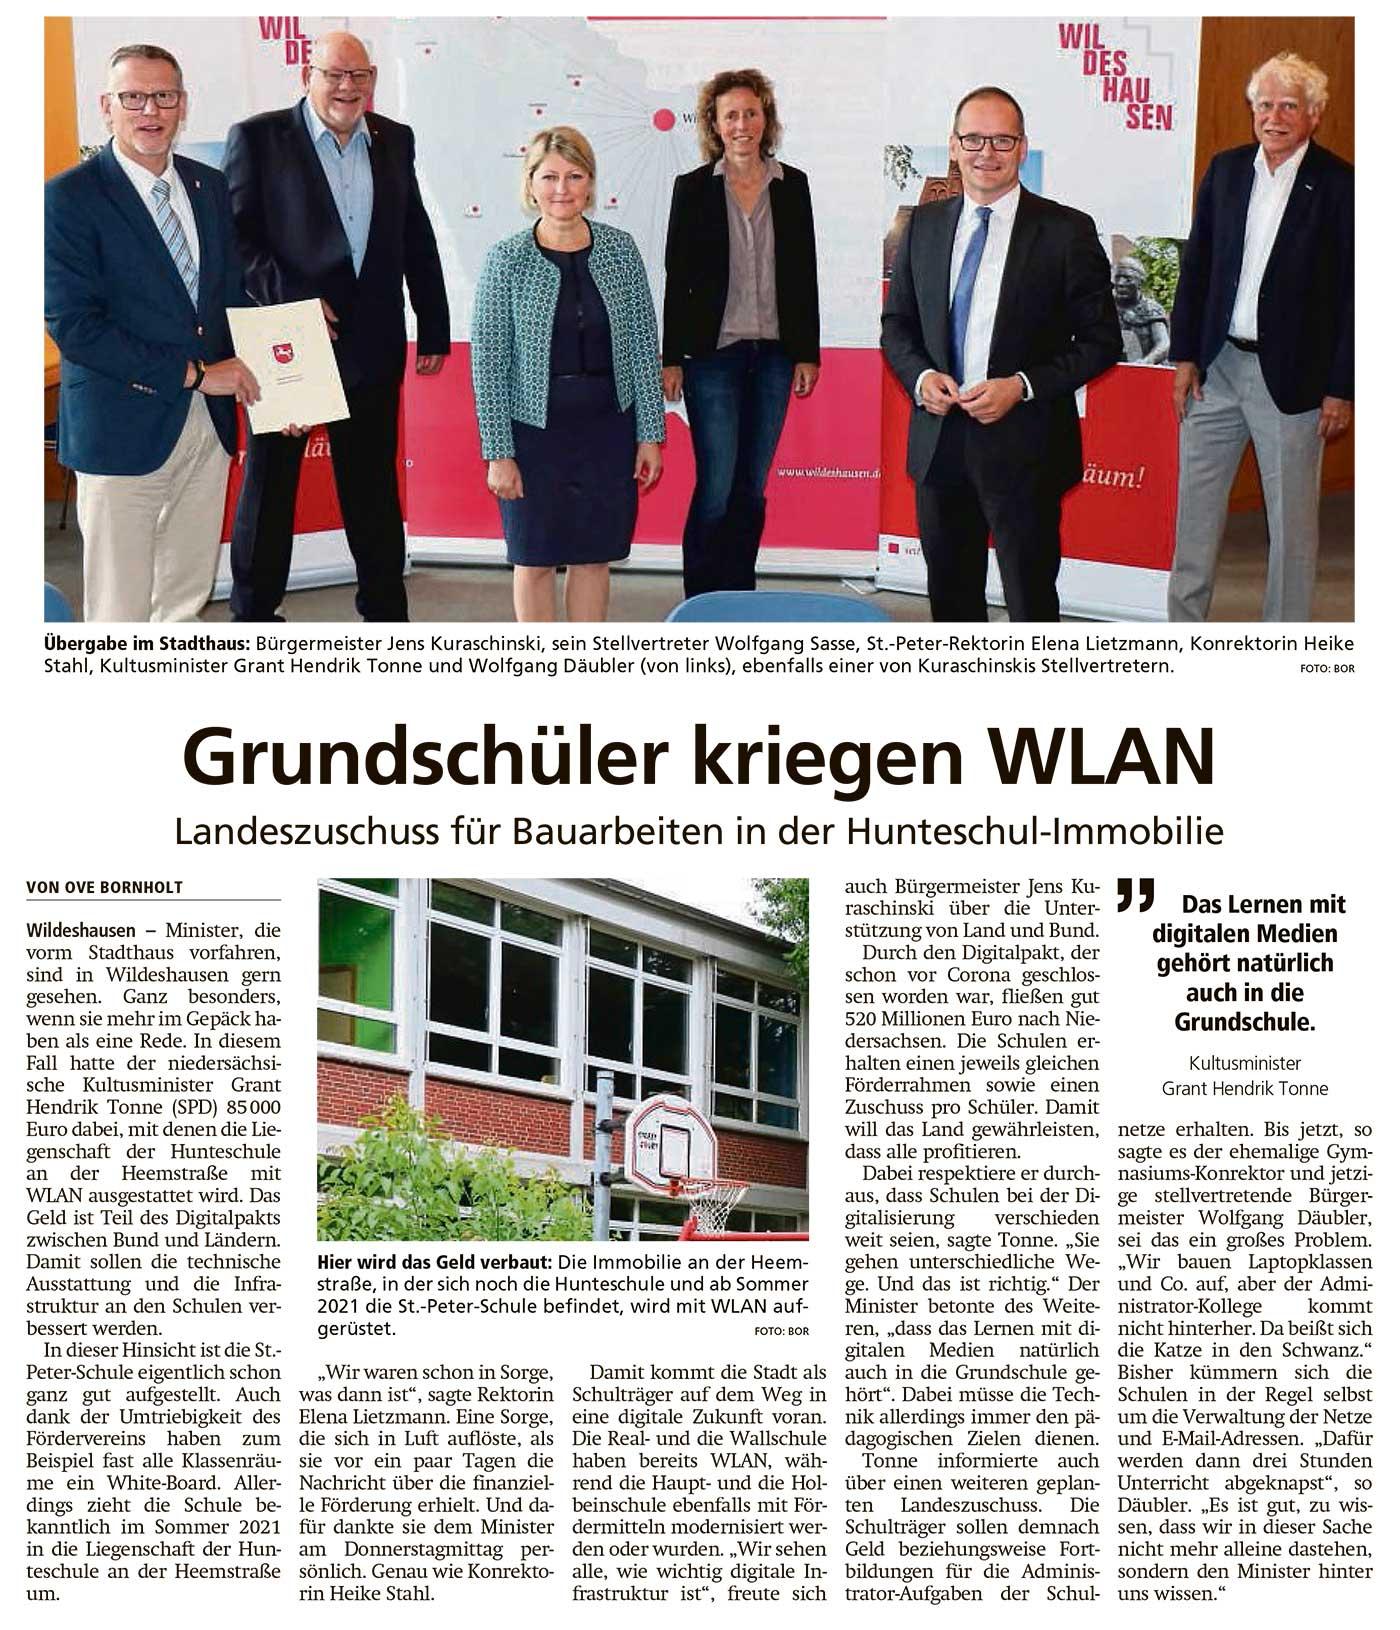 Grundschüler kriegen WLAN Landeszuschuss für Bauarbeiten in der Hunteschul-Immobilie Artikel vom 04.09.2020 (WZ)